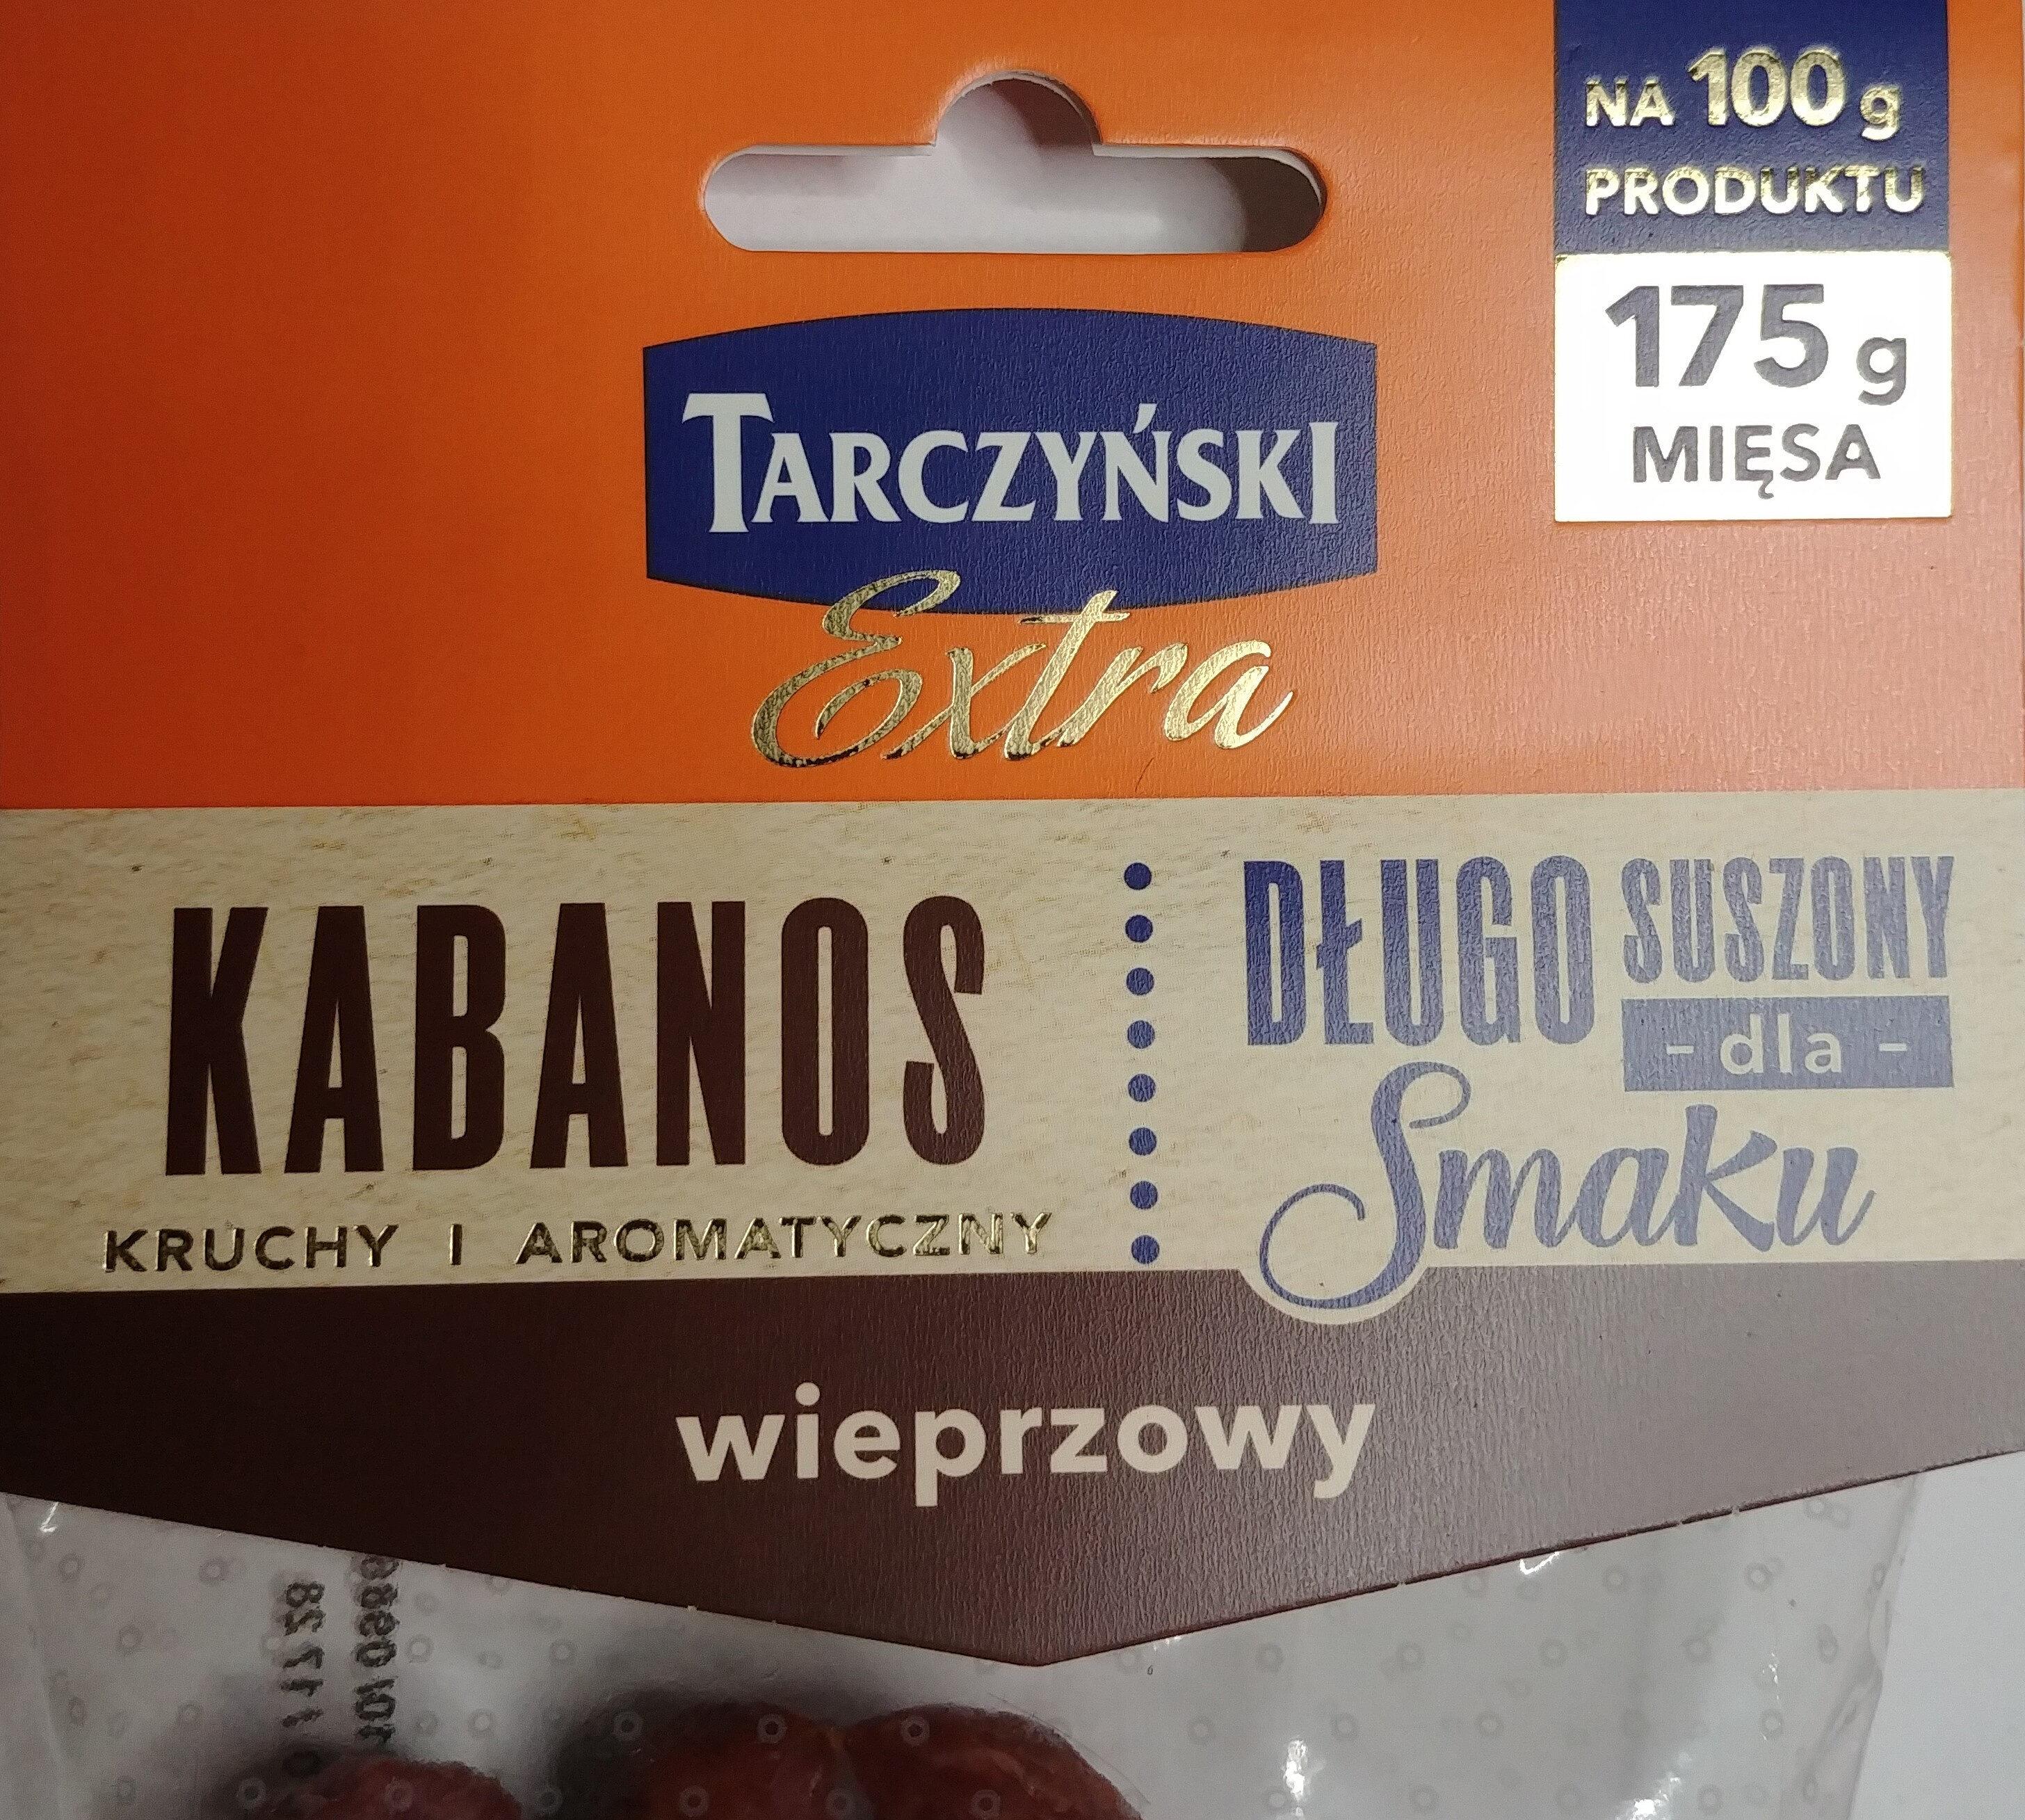 Kabanos wieprzowy extra - Product - pl